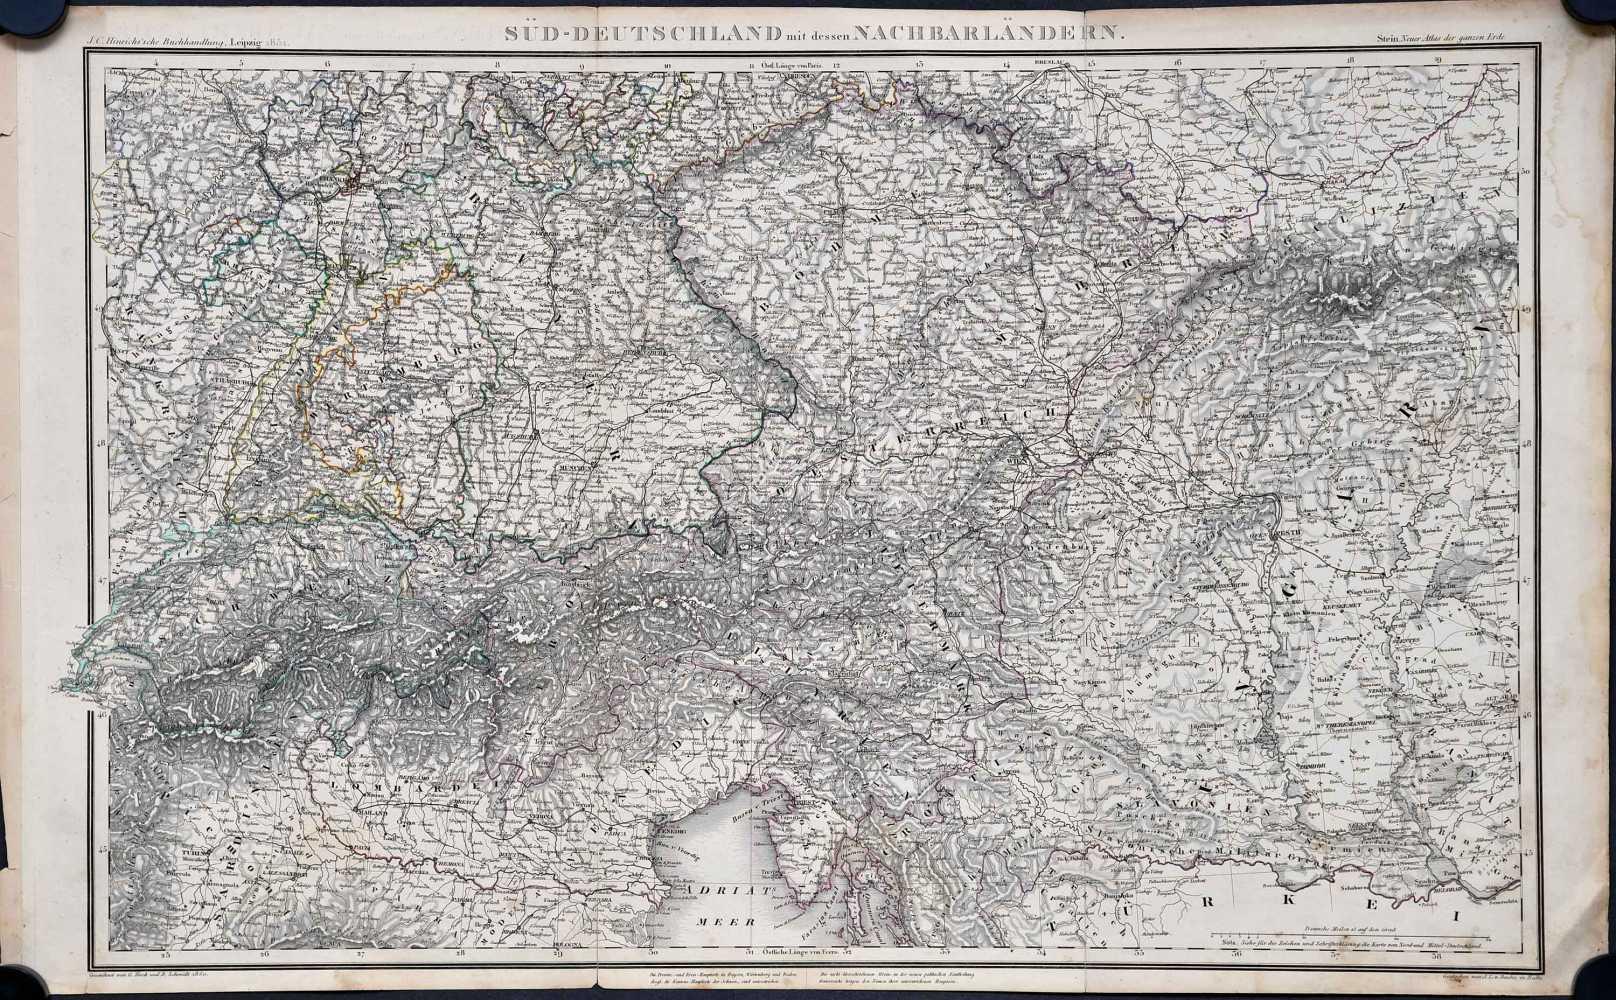 Heck, G. & R. Schmidt. Süd-Deutschland mit dessen Nachbarsländern